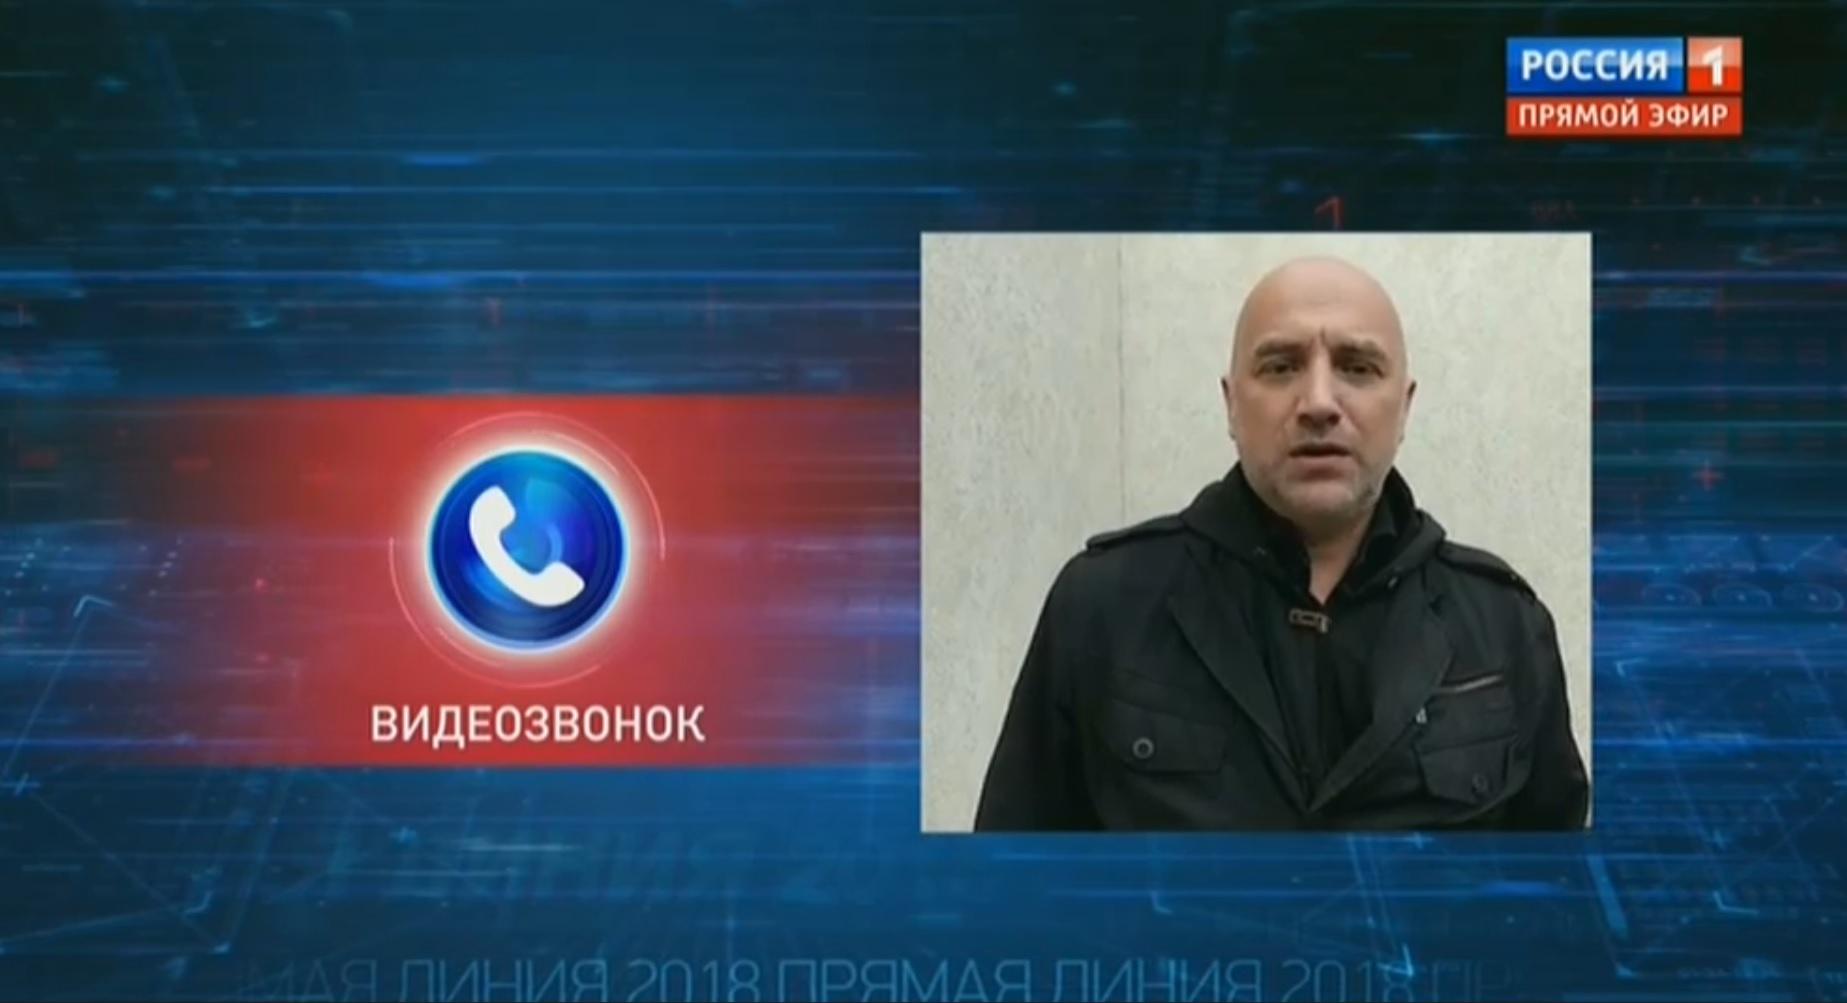 Путин на прямой линии  ответил на вопрос  о Донбассе